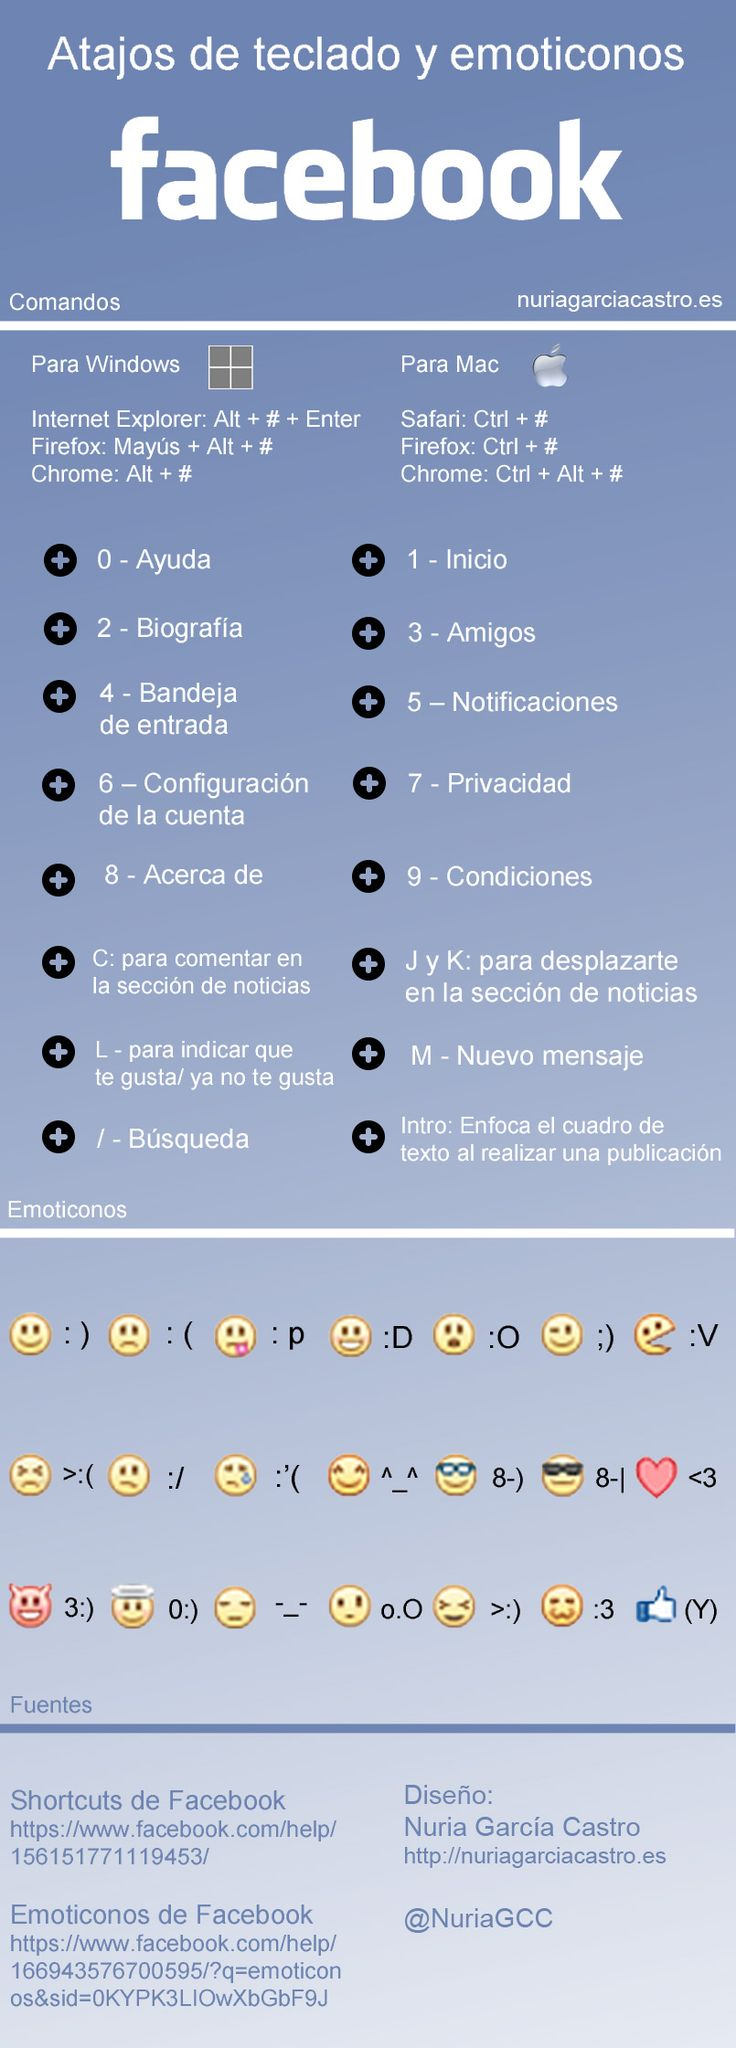 Atajos de teclado y emoticones en FaceBook #infografia